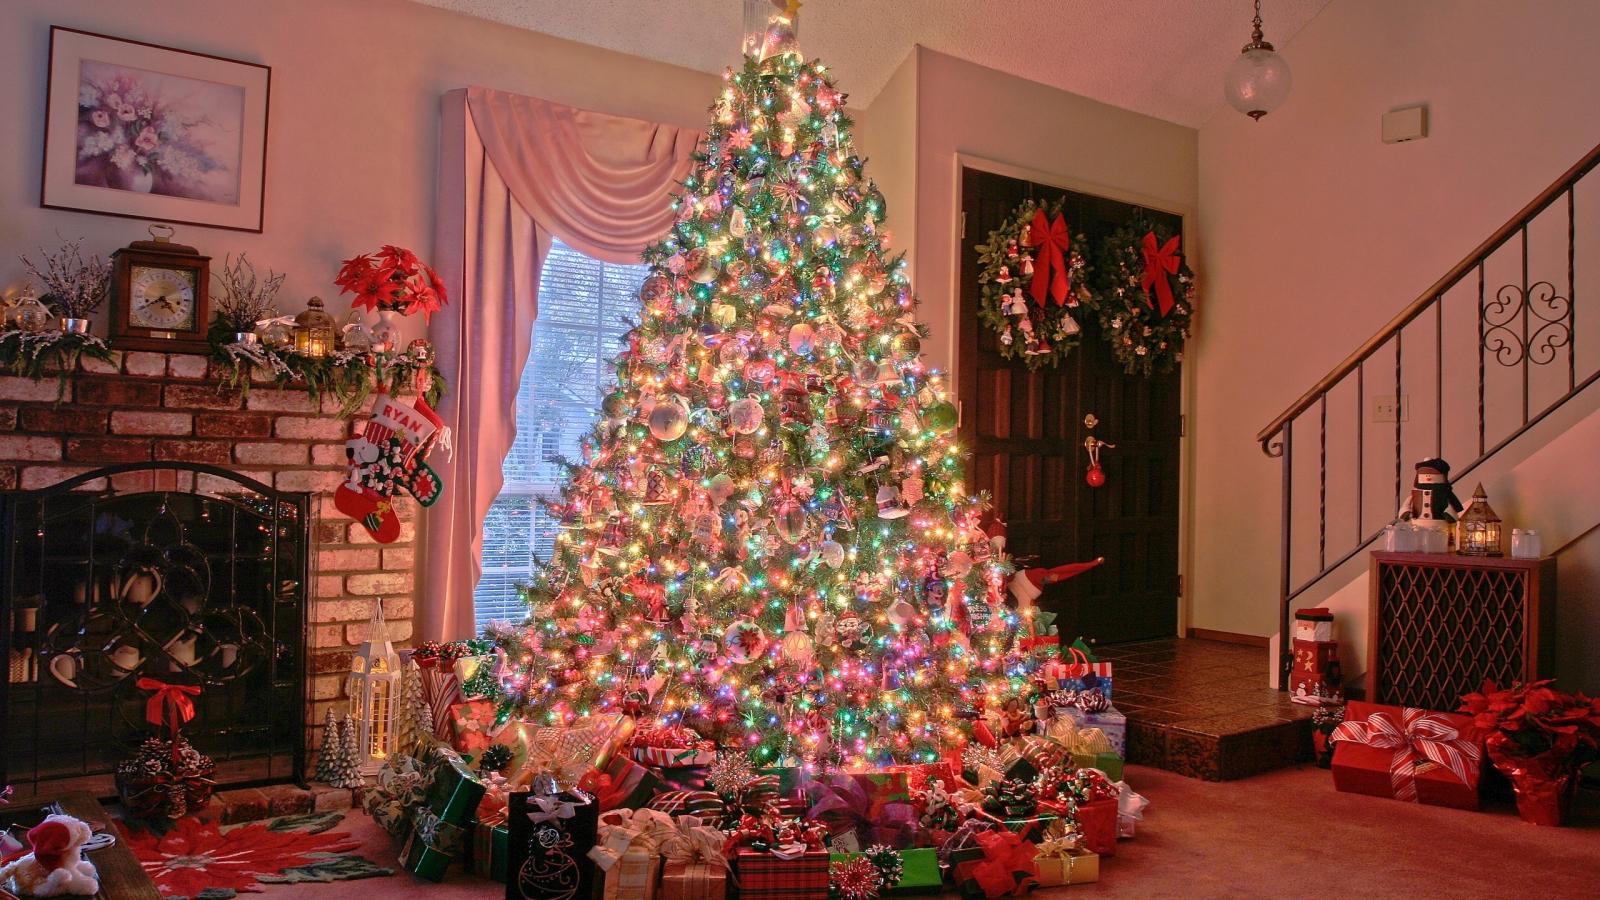 Arbol de navidad y decenas de regalos - 1600x900